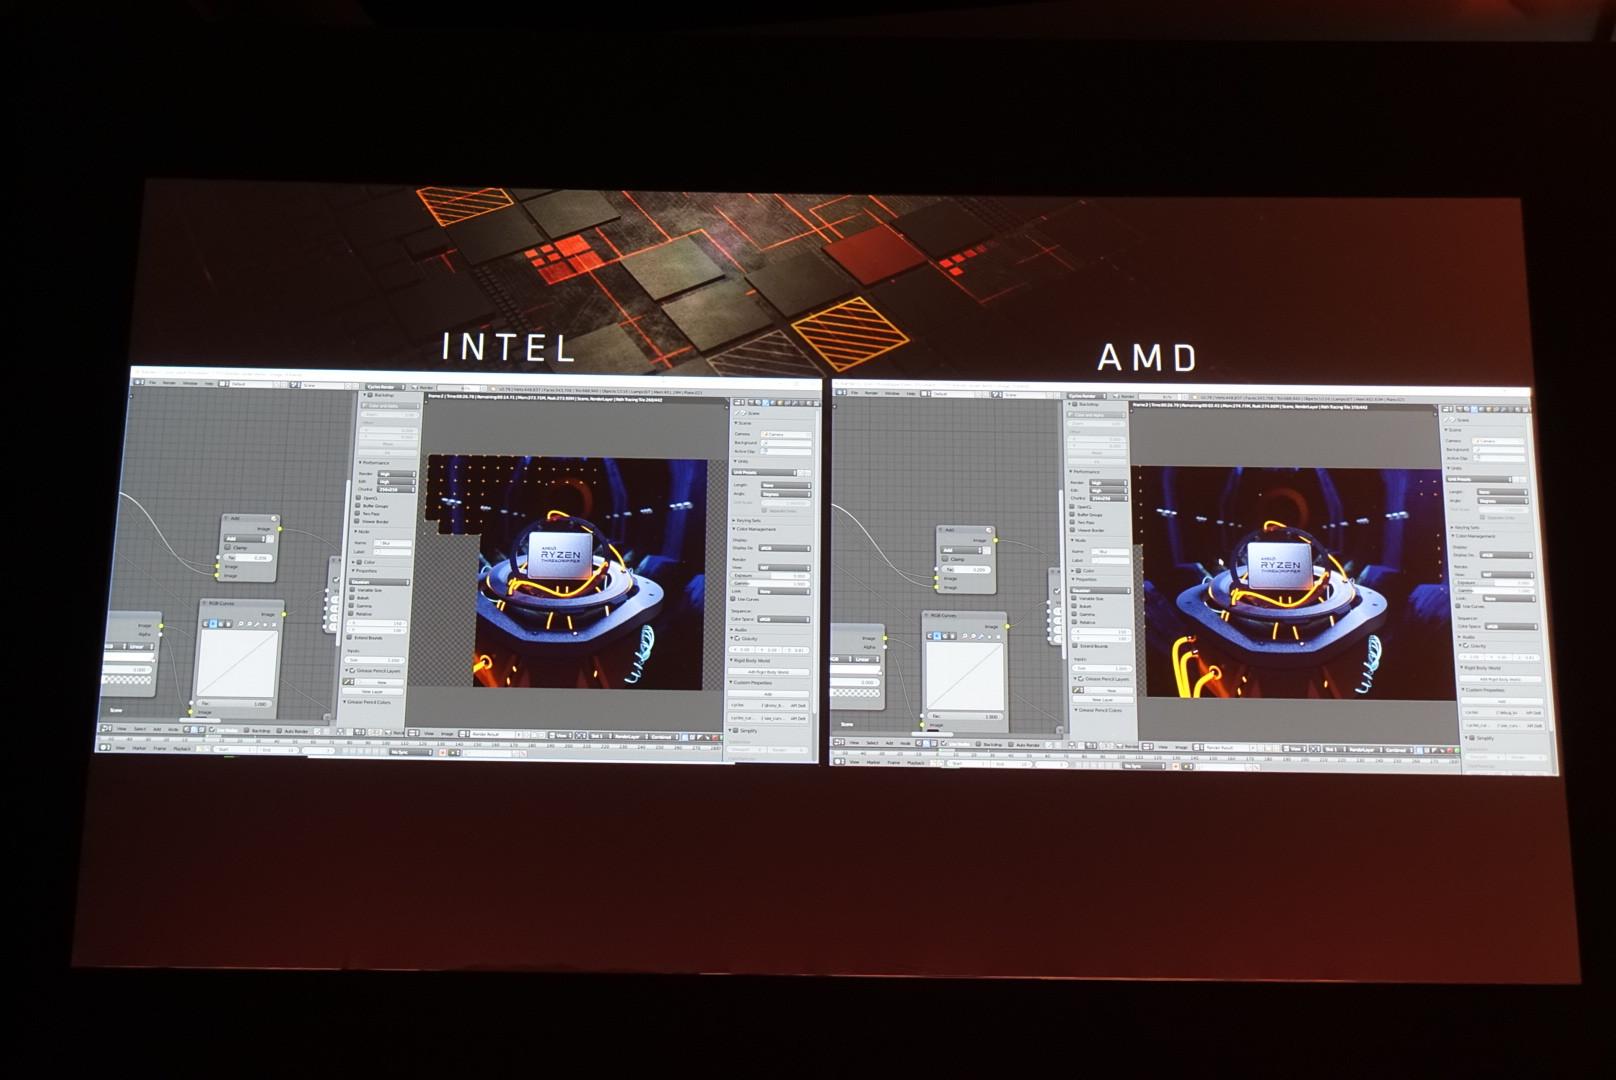 AMD presenta los procesadores Threadripper 2 con 32 núcleos 38